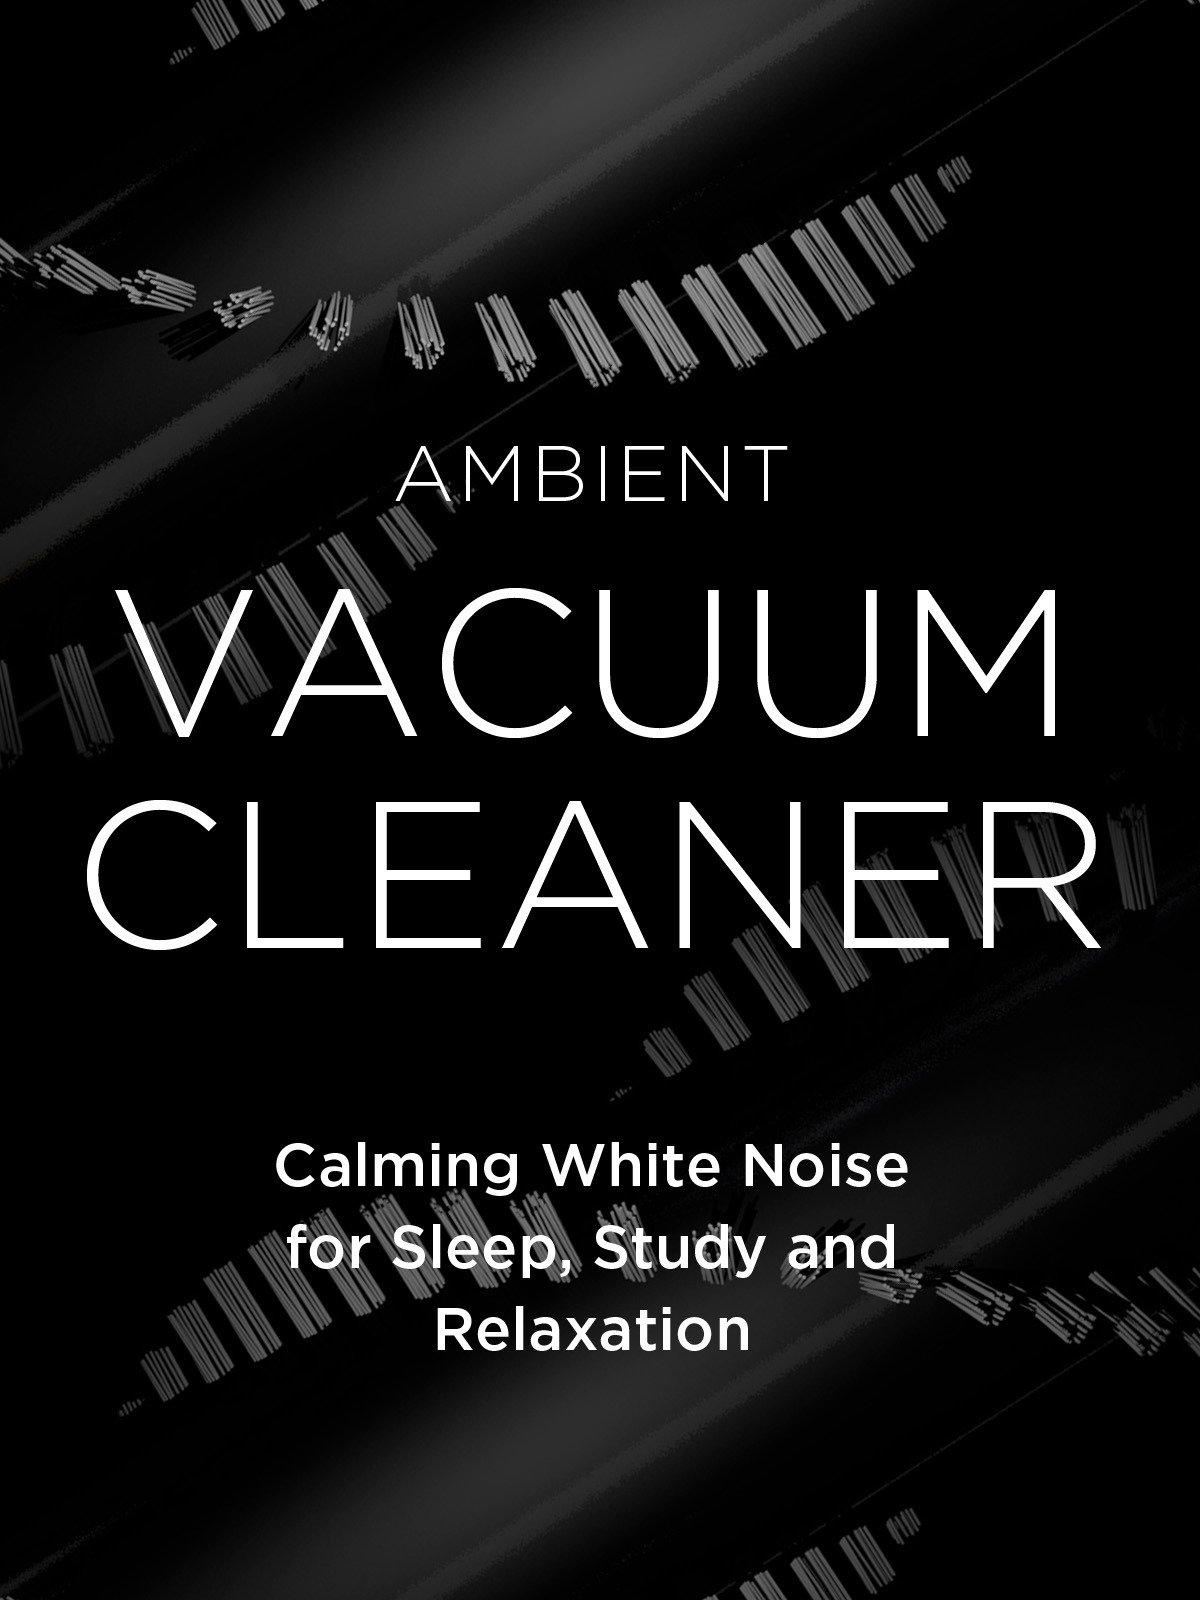 Ambient Vacuum Cleaner